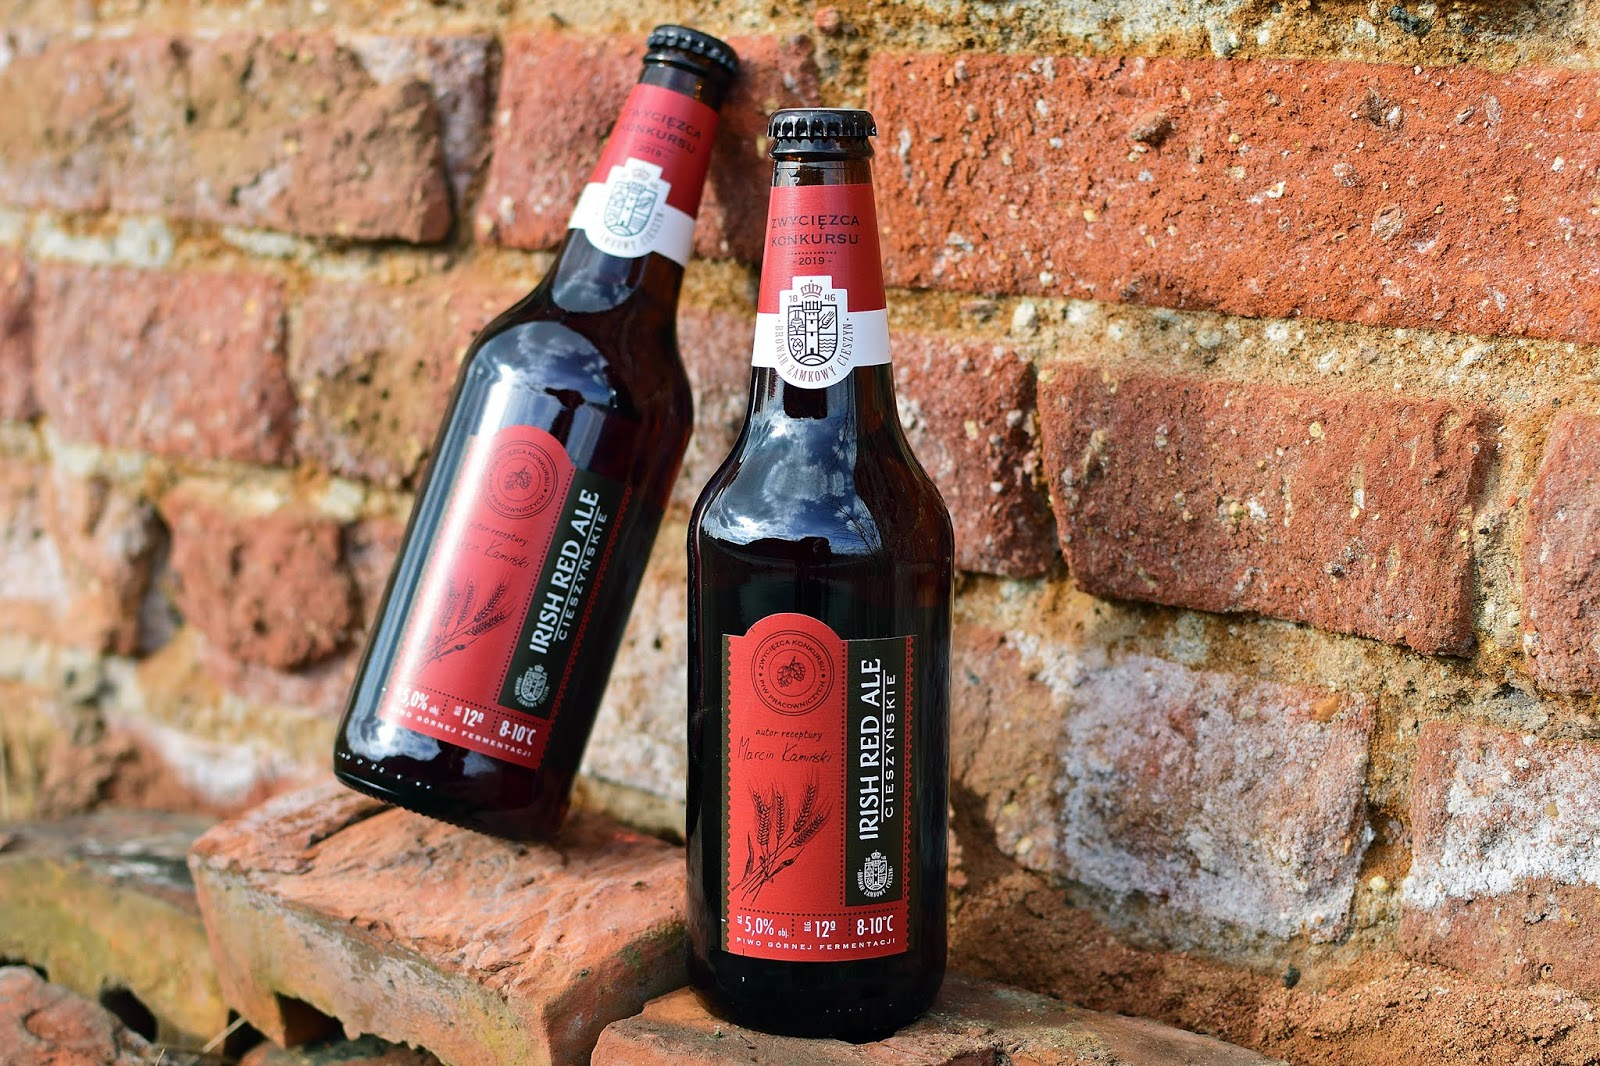 Irish Red Ale - piękno tkwi w prostocie